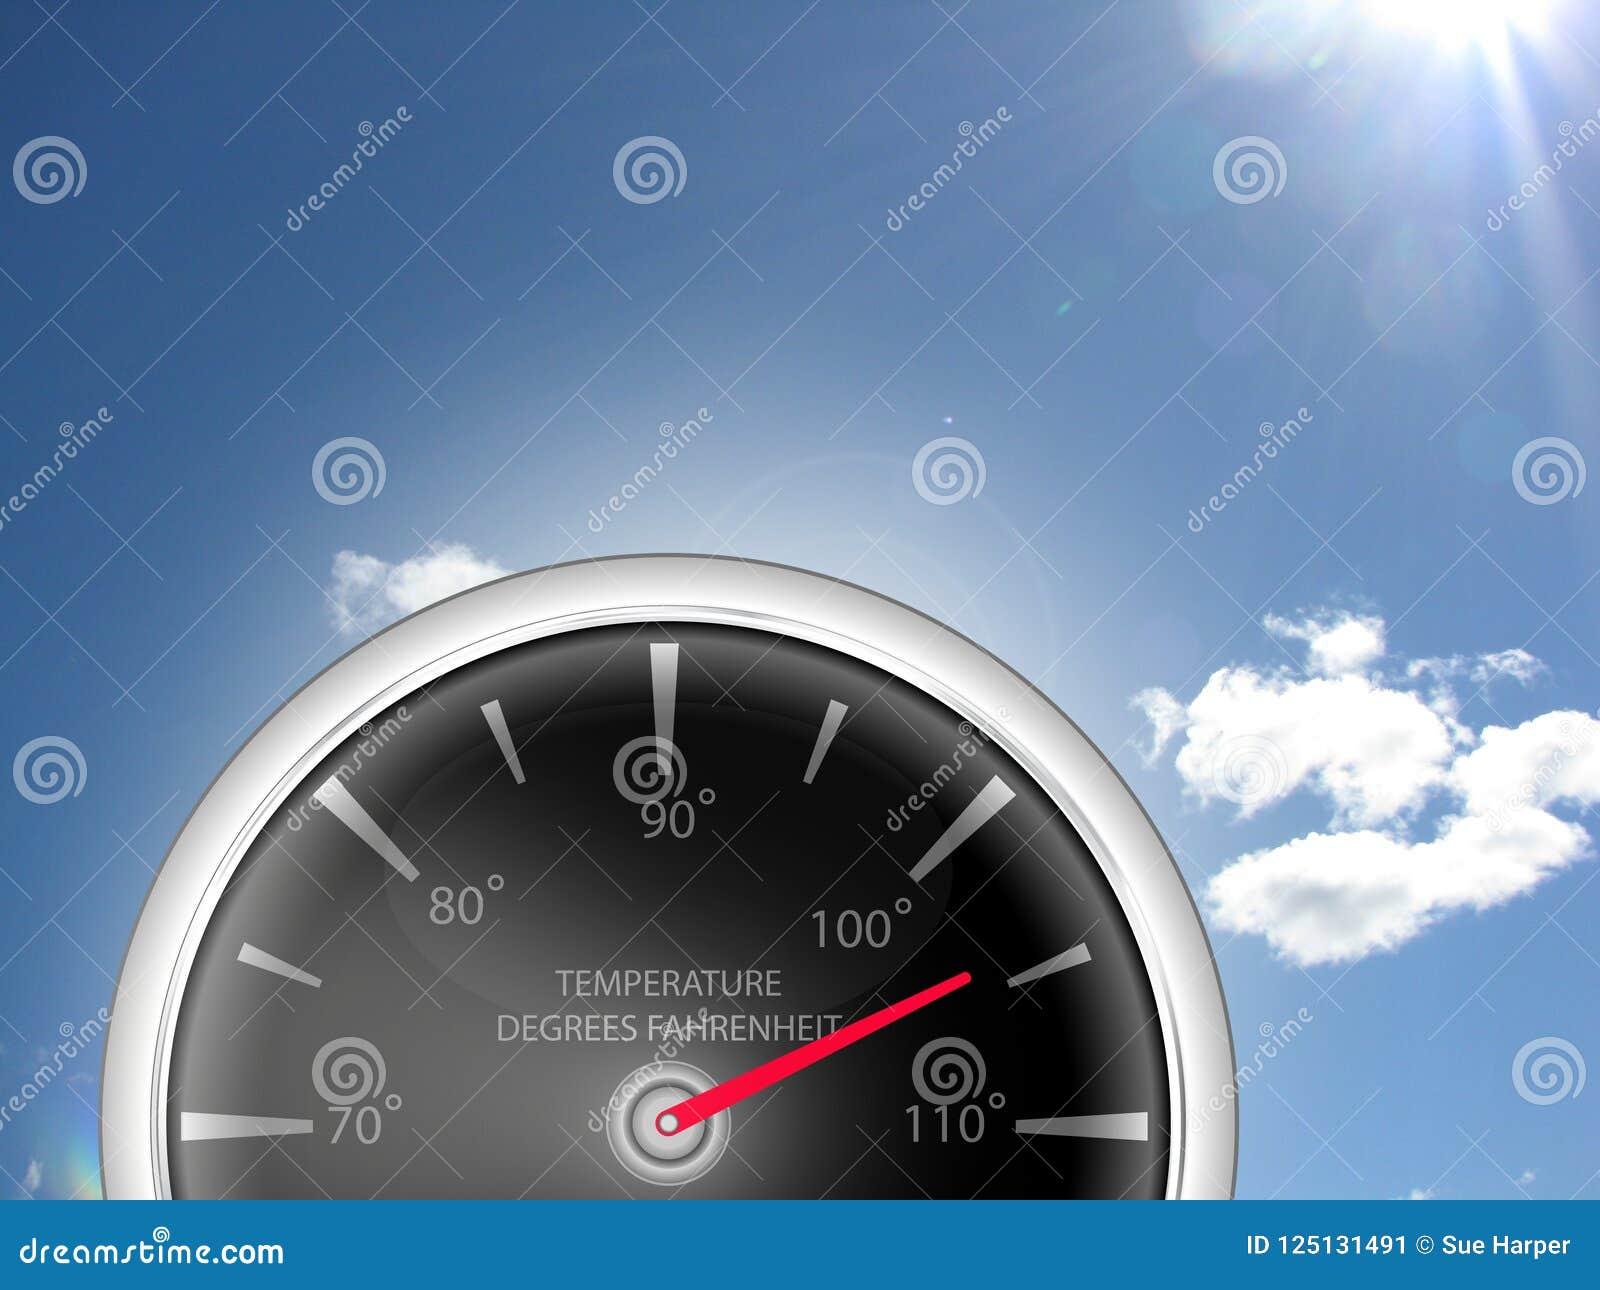 Термометр датчика температуры показывая градусы Градуса Фаренгейта для погоды тепловой волны